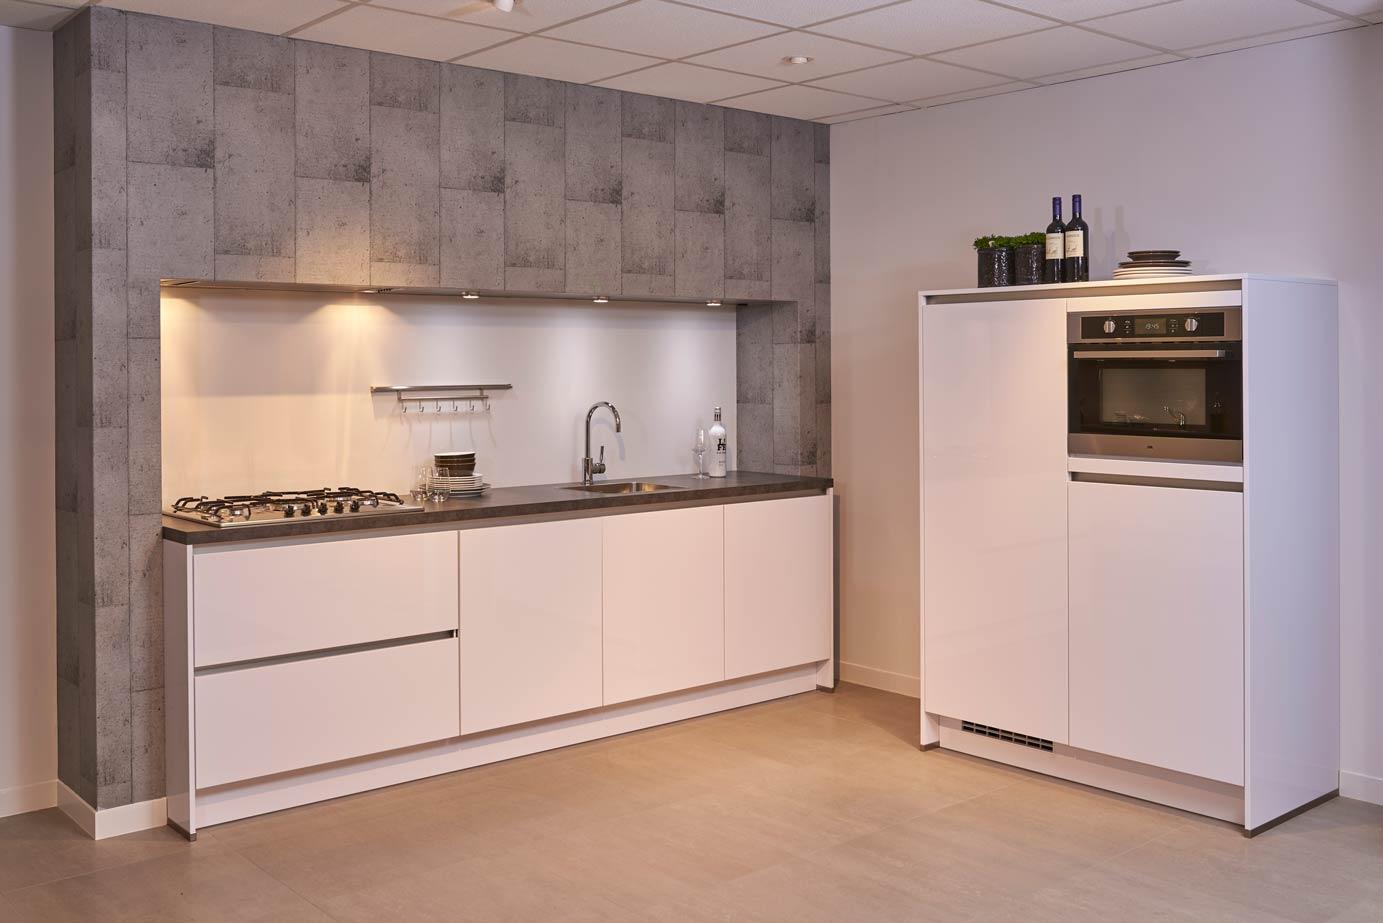 Moderne Hoogglans Keuken : Hoogglans keuken scherp geprijsd van ons huismerk dbselect db